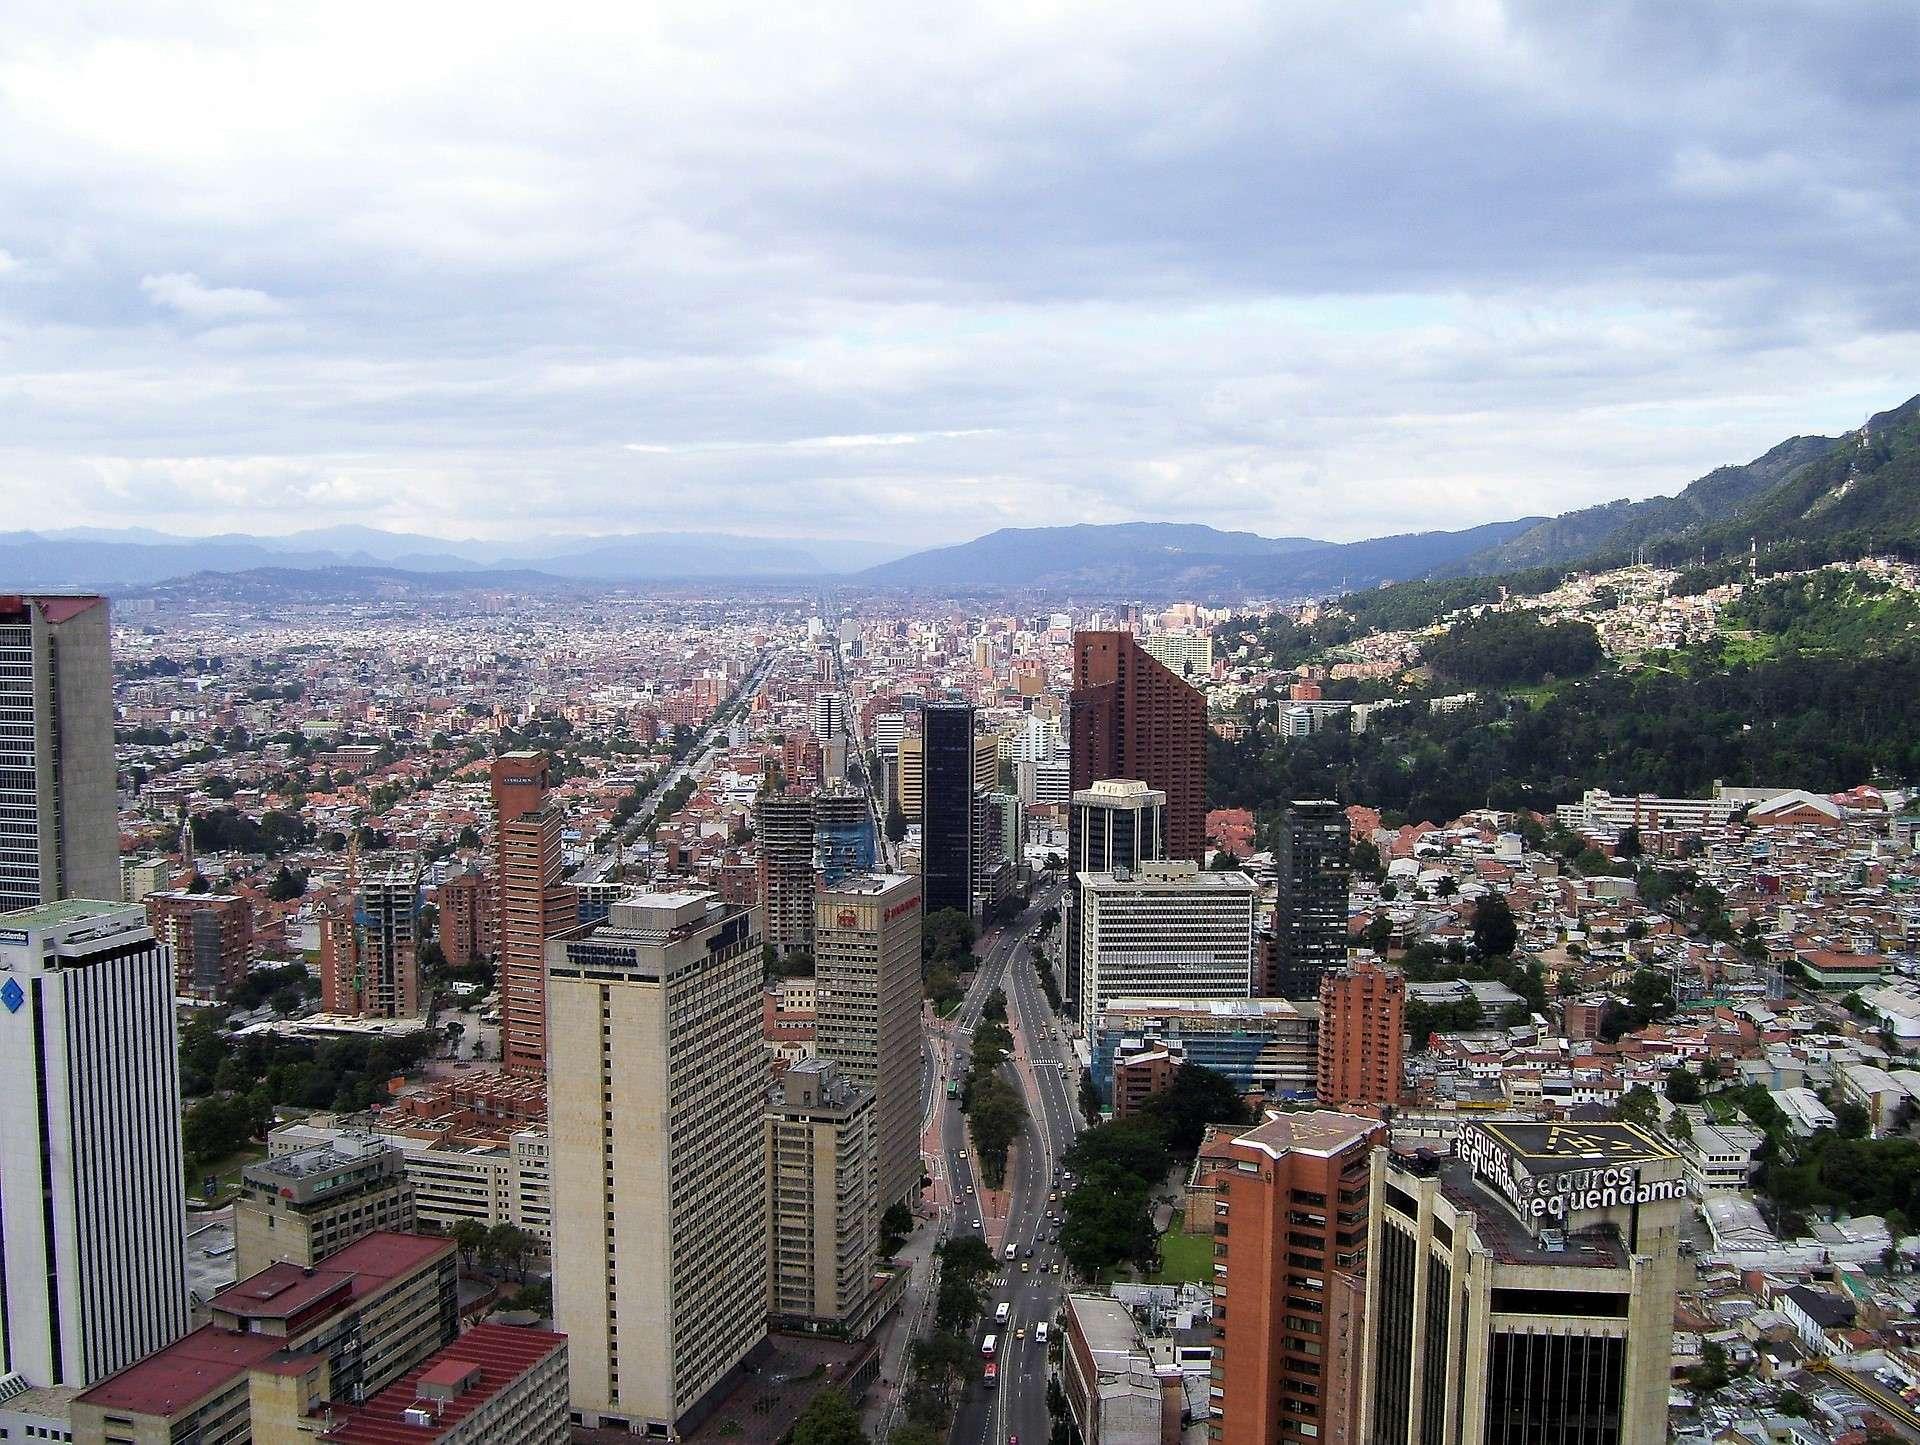 Direktflüge und Billigflüge nach Kolumbien